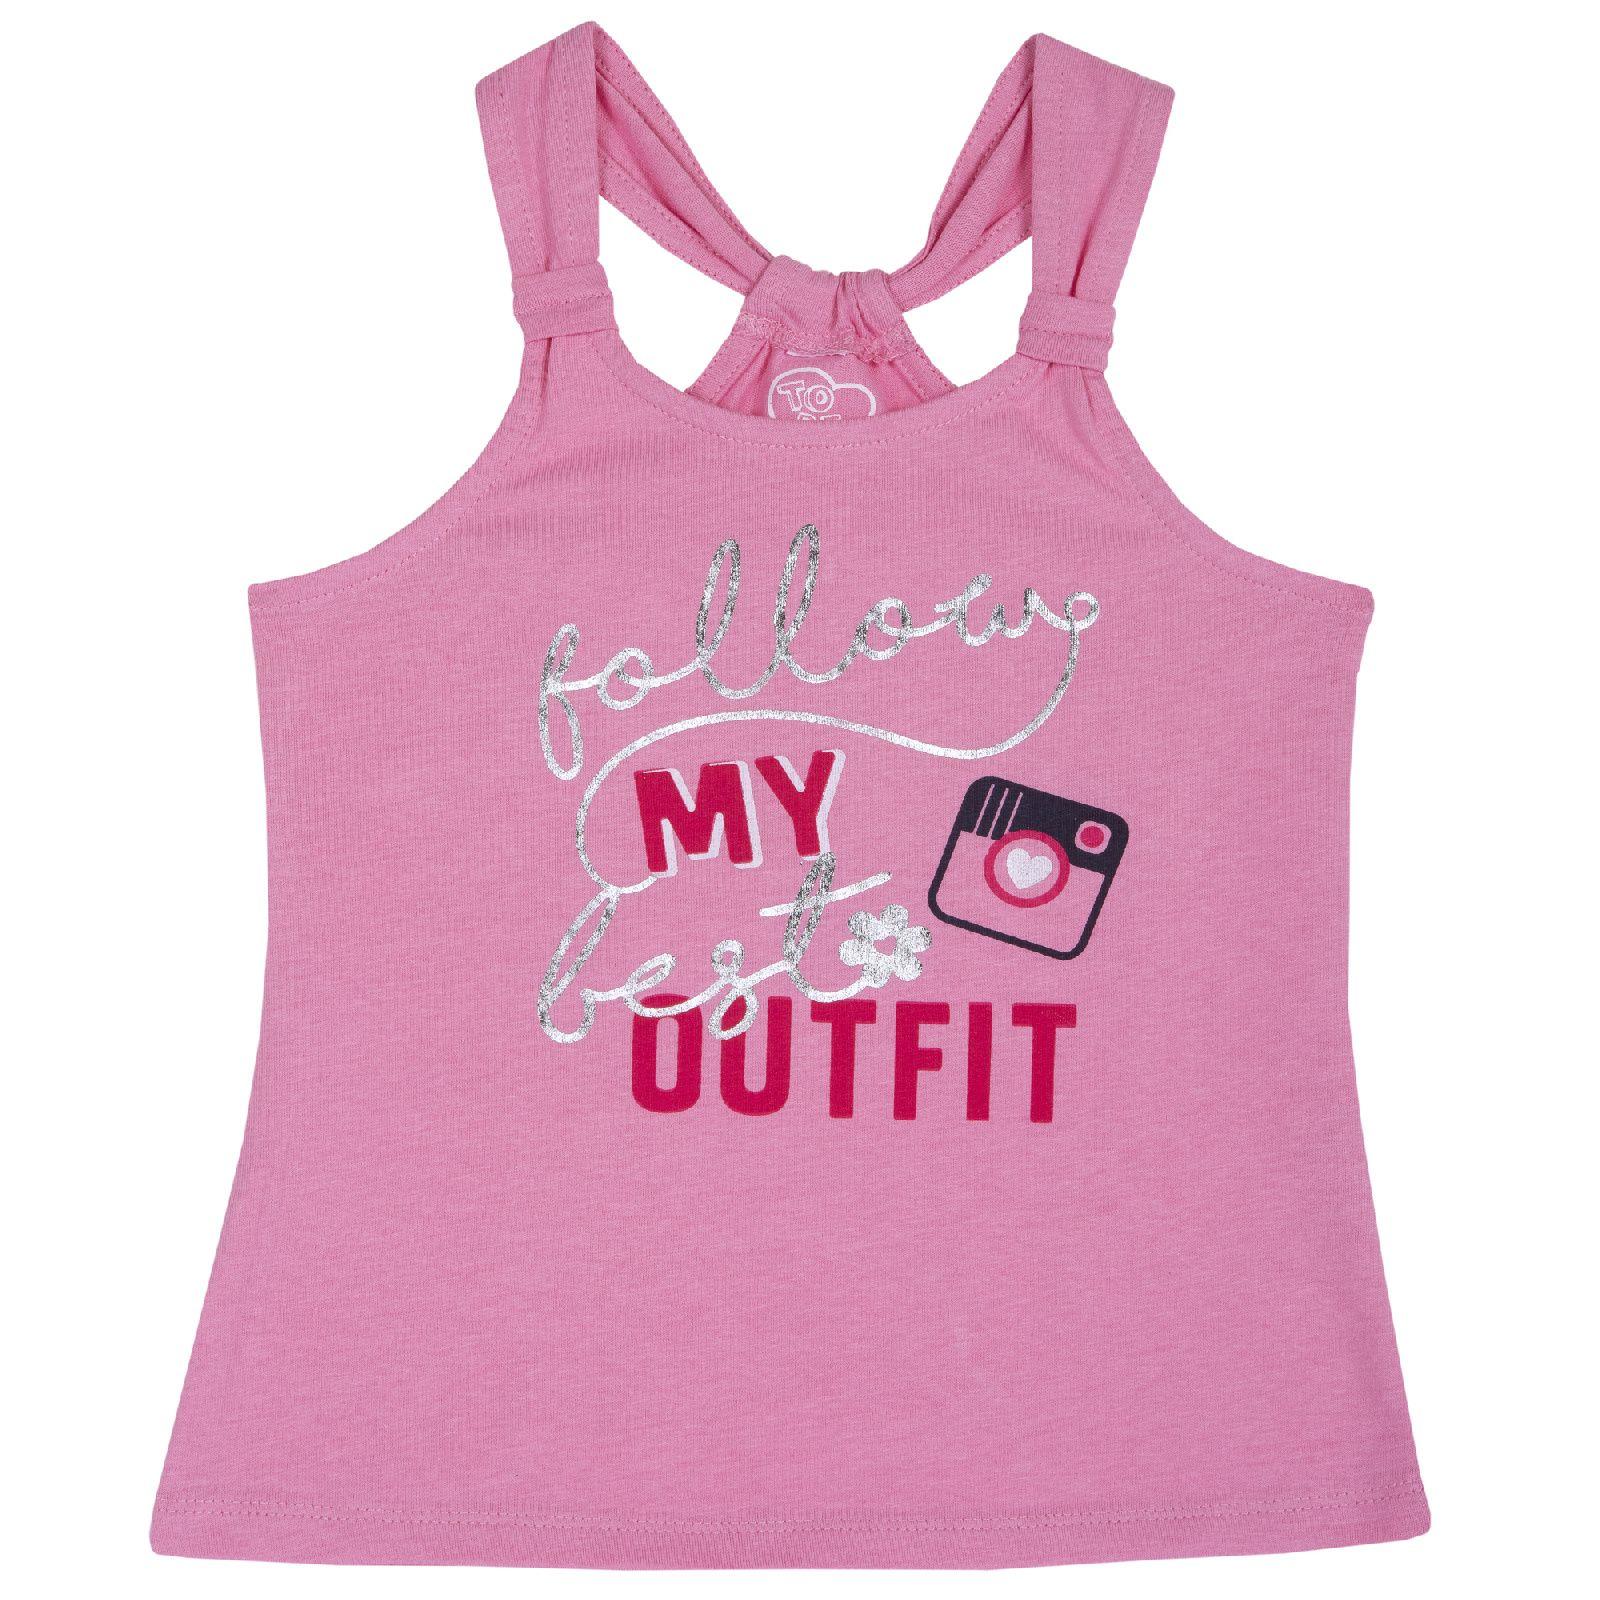 Купить 9006874, Майка Chicco My Outfit, для девочки, р.110, цв. розовый,